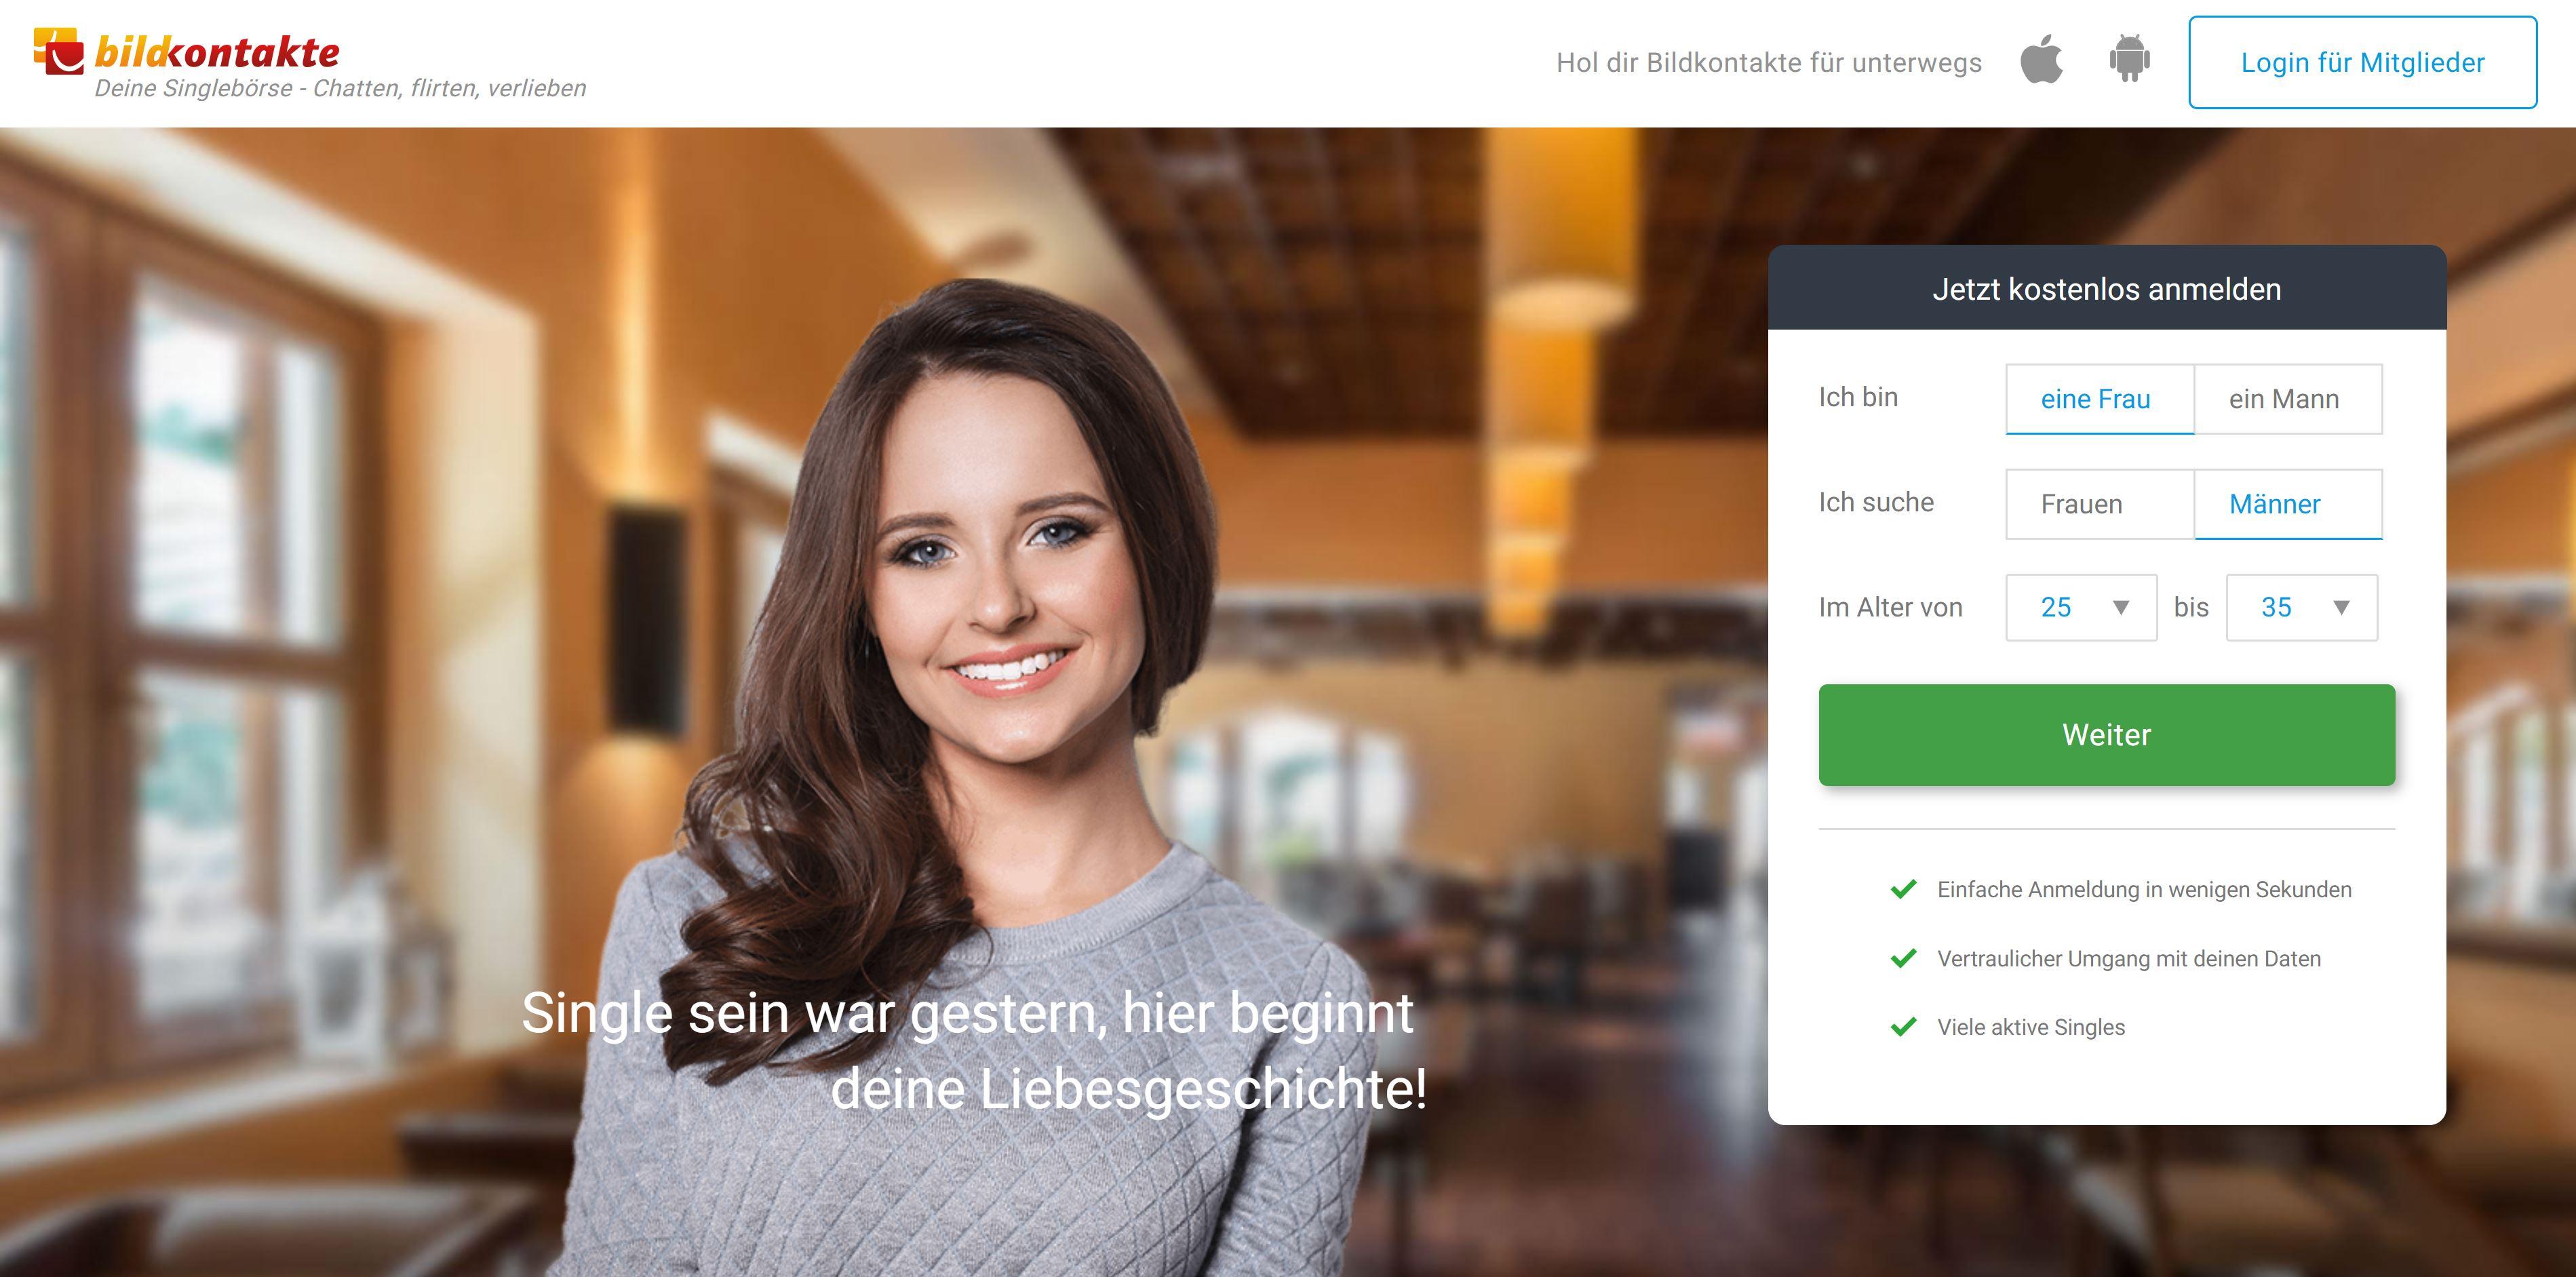 Die Dating App fr Wien zum Flirten, Feiern, Verabreden